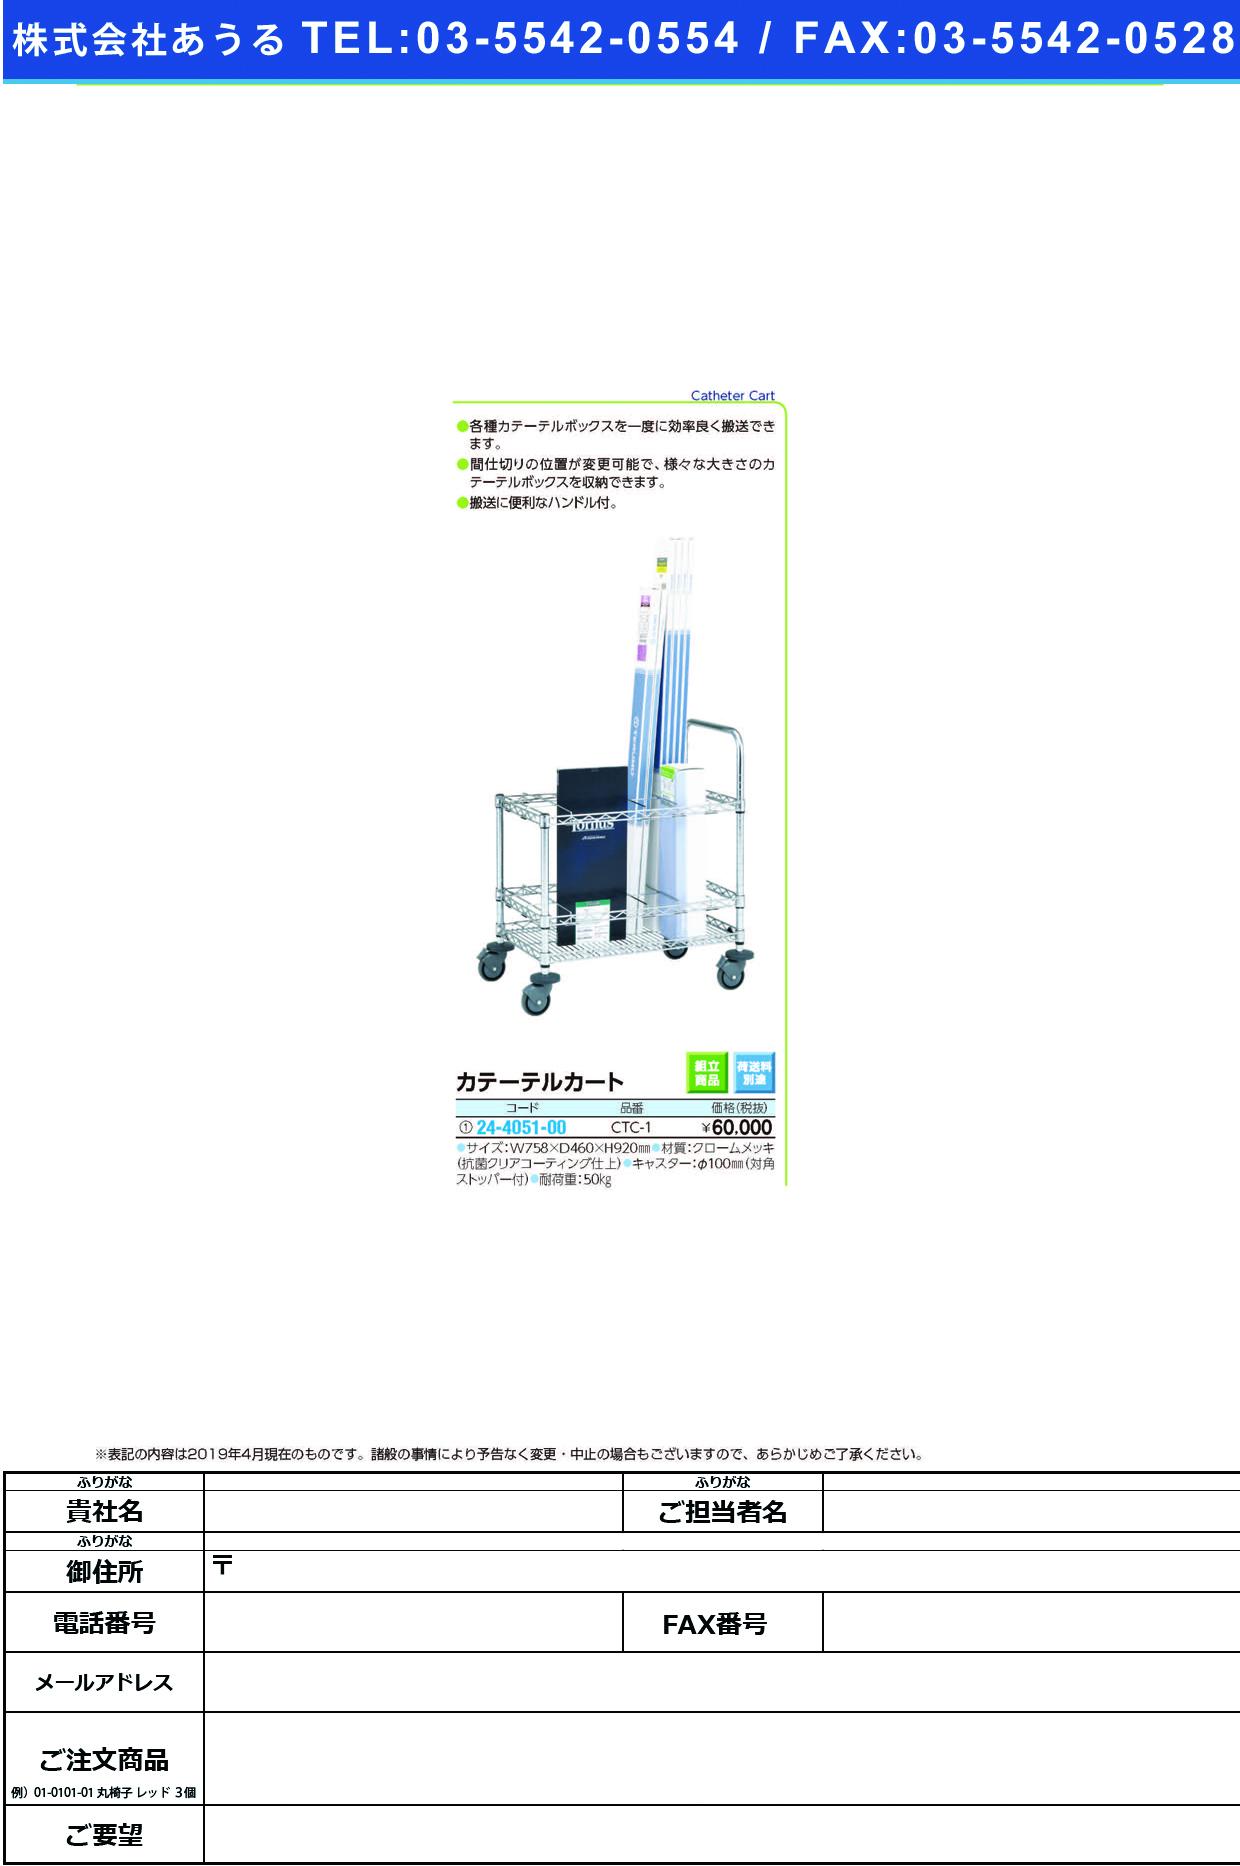 (24-4051-00)カテーテルカート CTC-1 カテーテルカート(エレクター)【1台単位】【2019年カタログ商品】